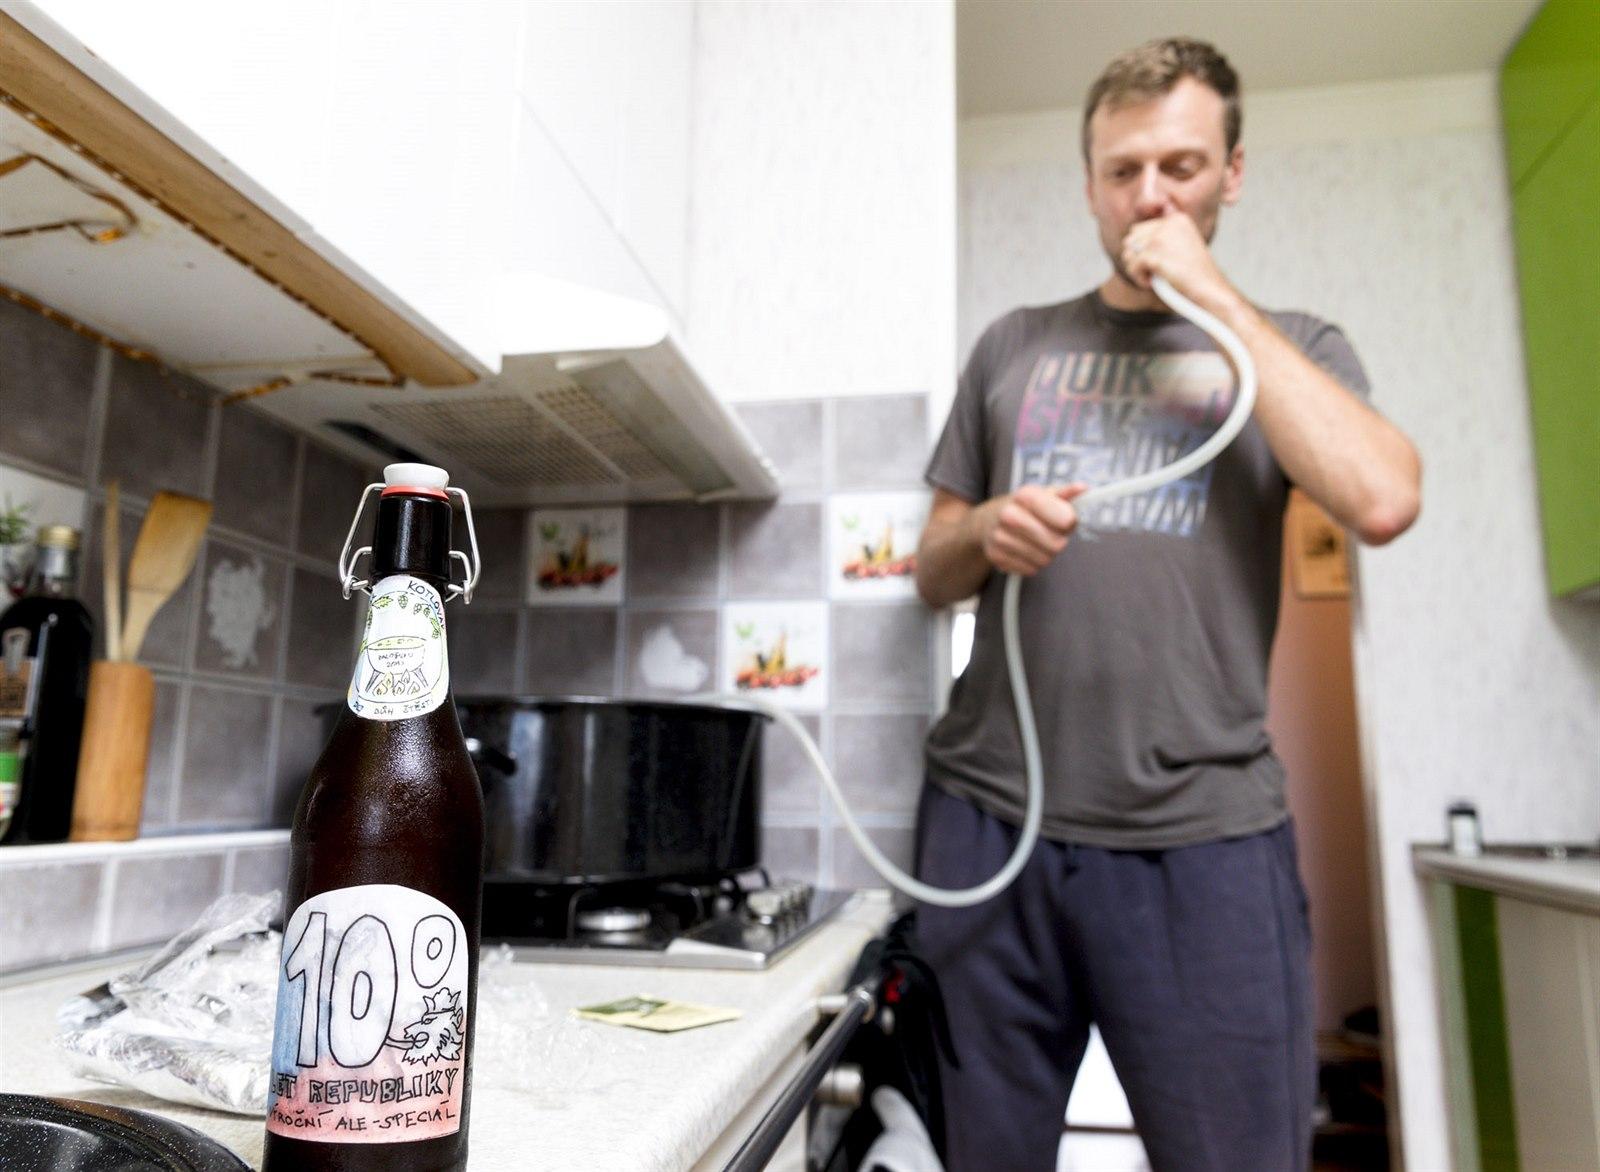 Pivo si vaří v paneláku a královsky se baví. Domácích vařičů přibývá